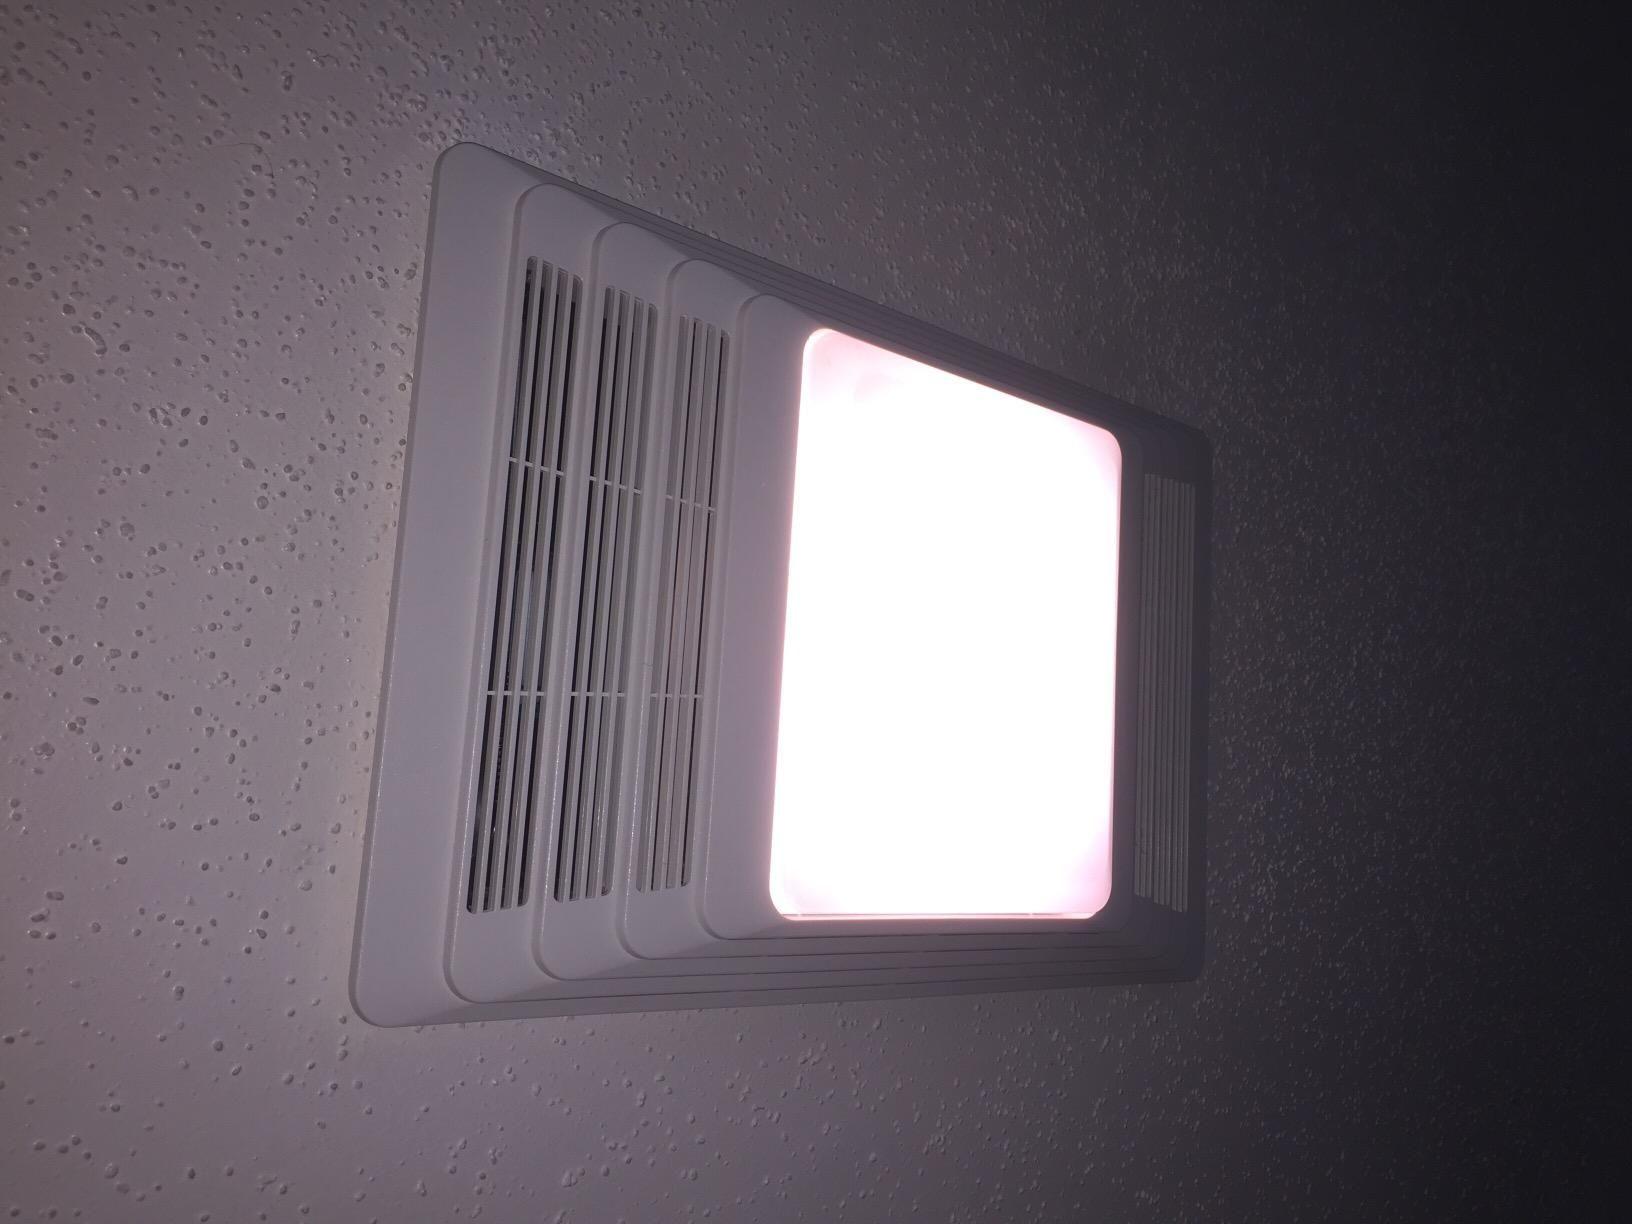 Best Bathroom Exhaust Fan Reviews For, Bathroom Fan Heater Light Combo Reviews